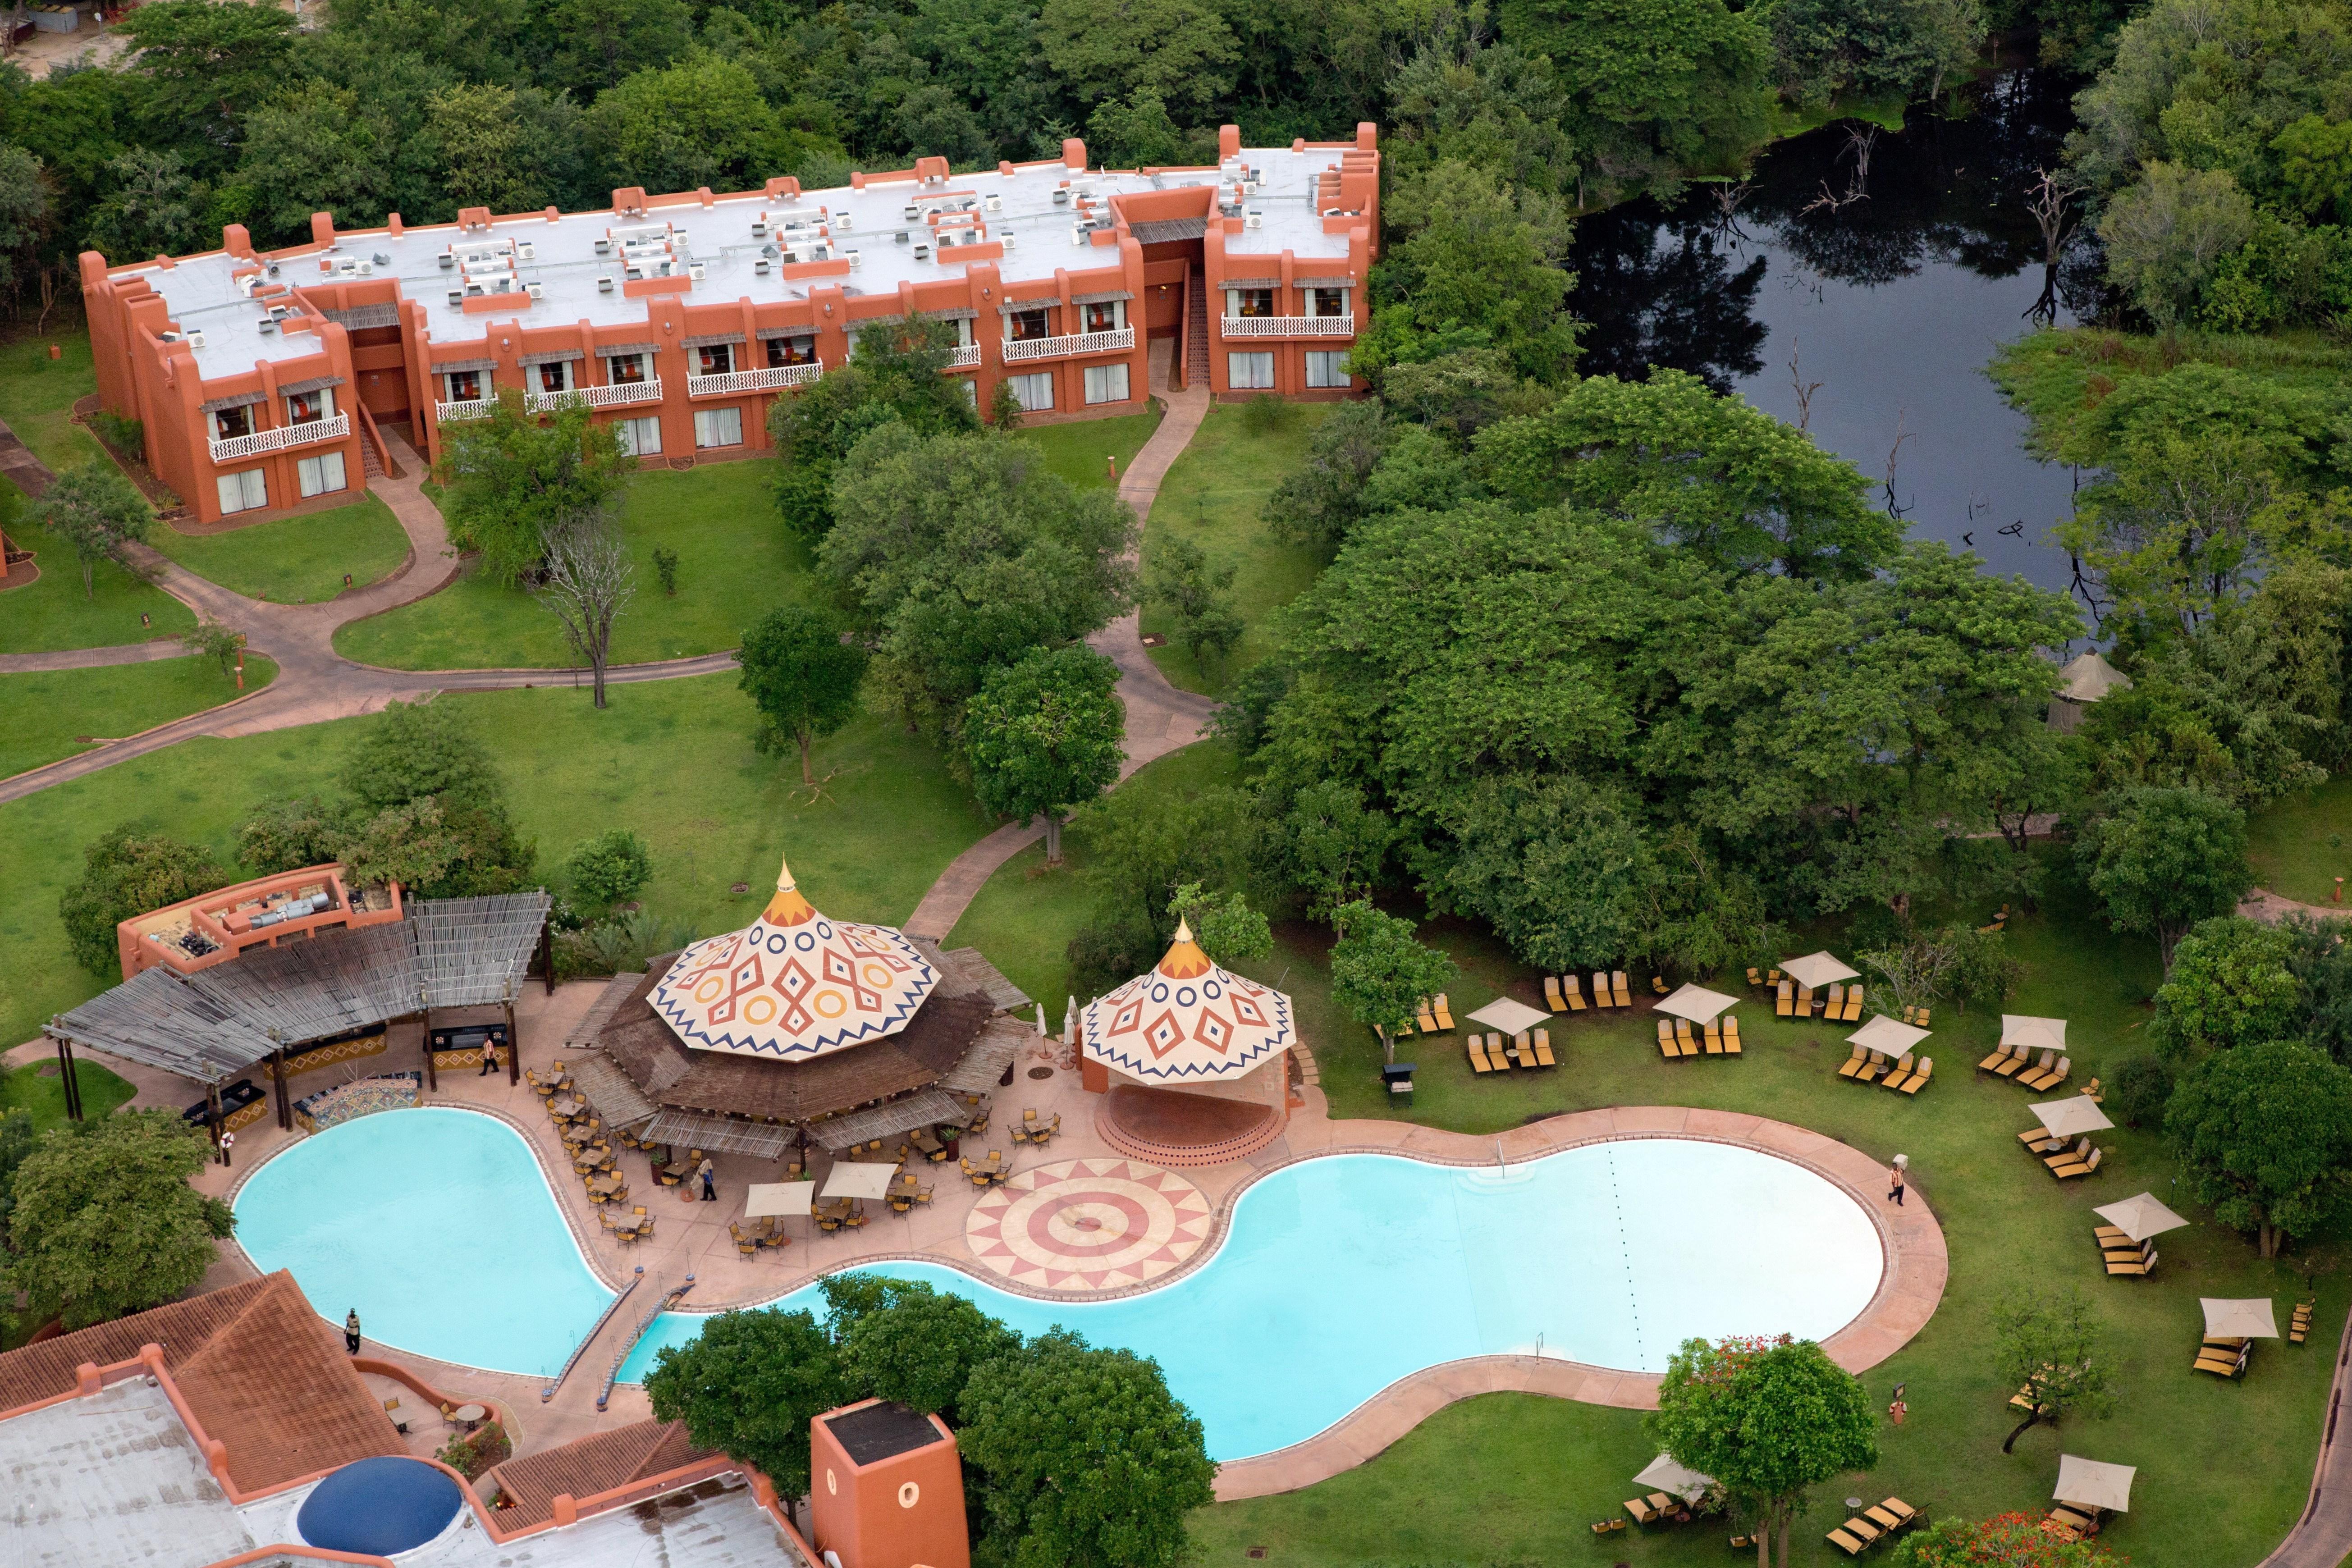 Pool_aerial.jpg